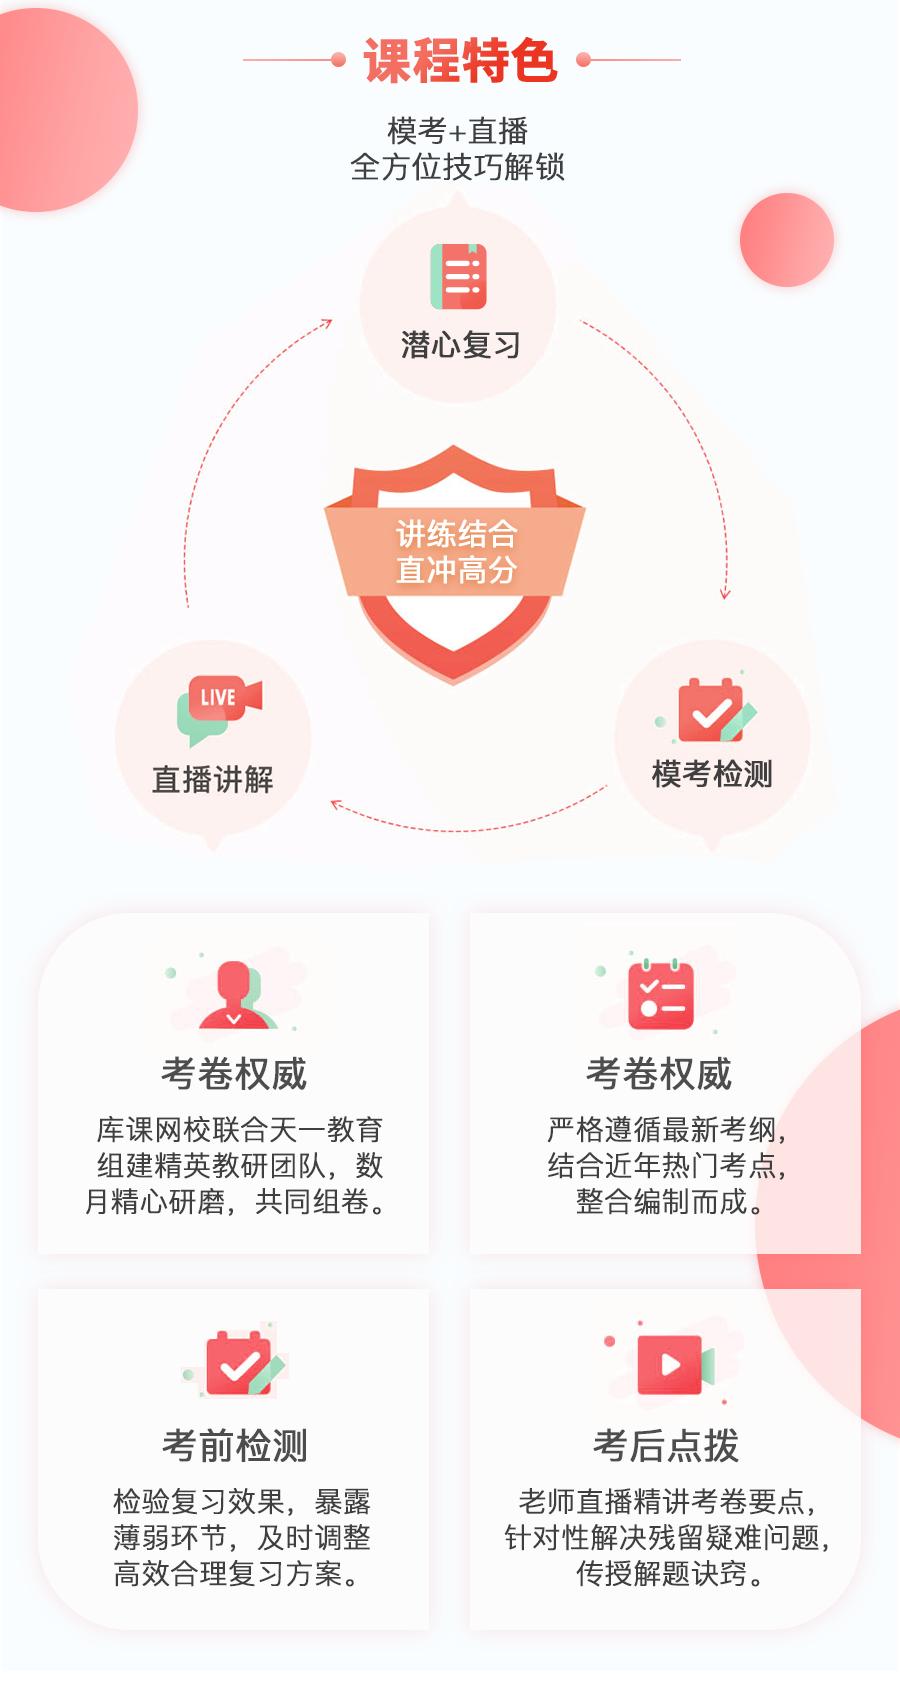 河南招教模考大赛第二轮_02.png